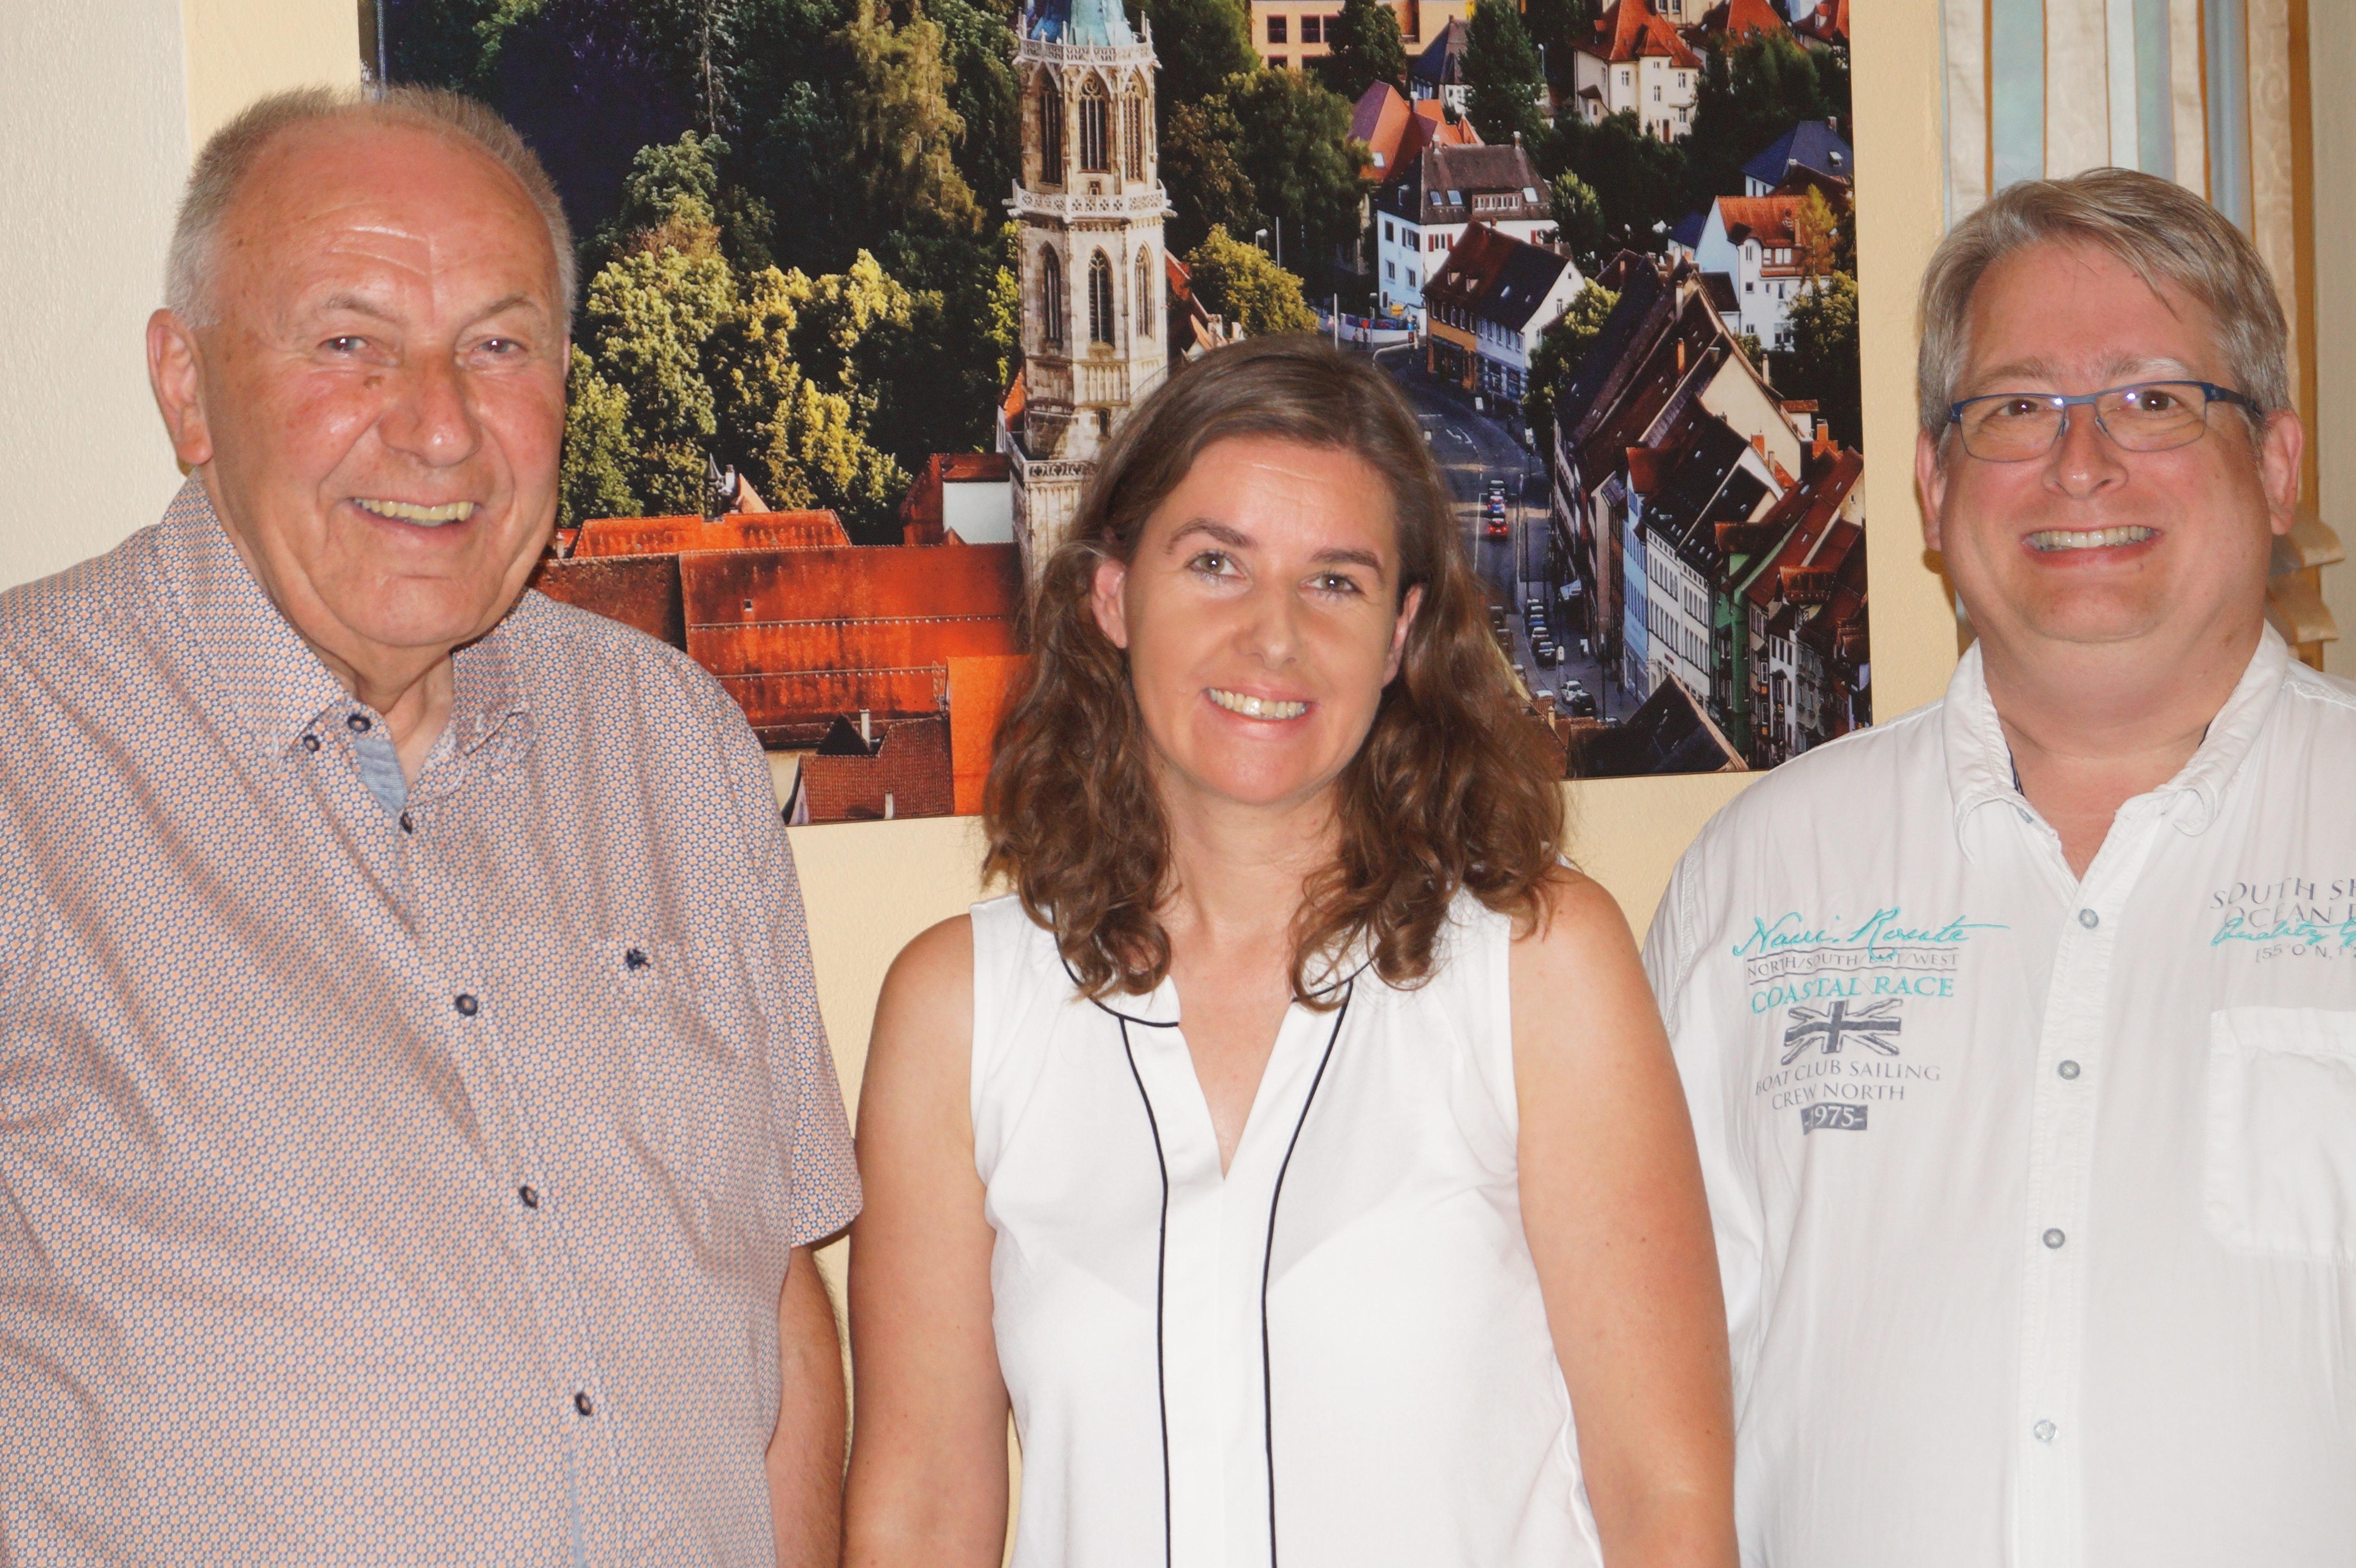 Hans-Peter Faißt (links) und Mirko Witkowski (rechts) bedankten sich im Namen der AWO bei Isabel Mayer (Mitte) für ihre am Omsdorfer Hang und am Hegneberg geleistete Arbeit sowie ihren Vortrag bei der AWO-Kreisdelegiertenkonferenz. Foto: Petra Staiger